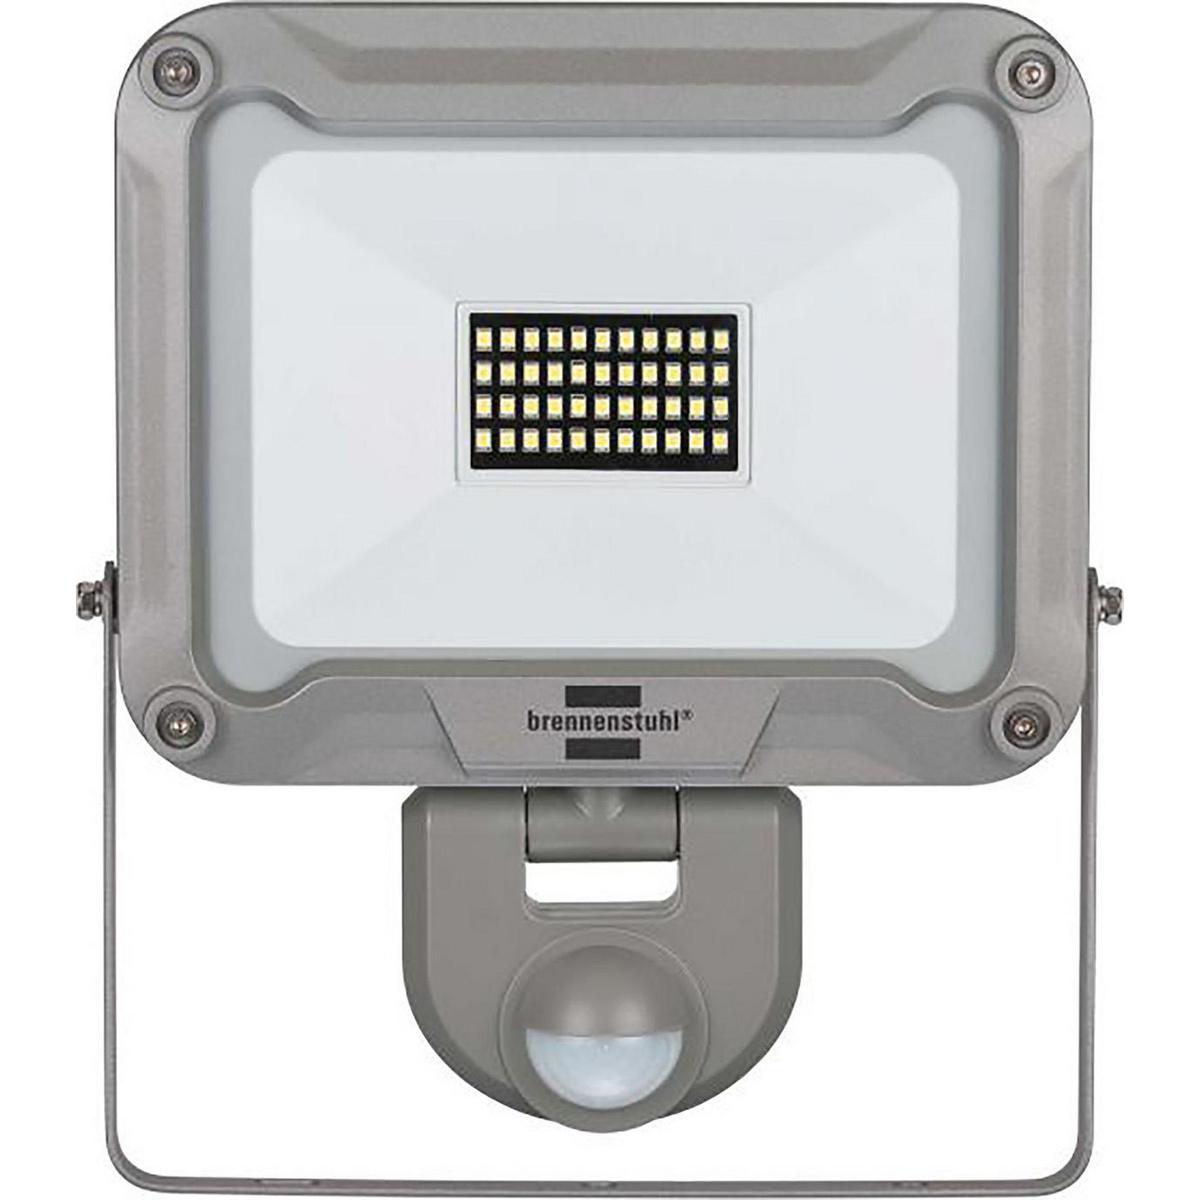 Adatto per installazione interna ed esterna, IP 44. Potente lampada da 50 WLED con chip per montaggio a parete, con distribuzione della luce extra ampia per illuminare una grande superficie. Ideale per hobbisti, officine e cantieri. Illuminazione automati